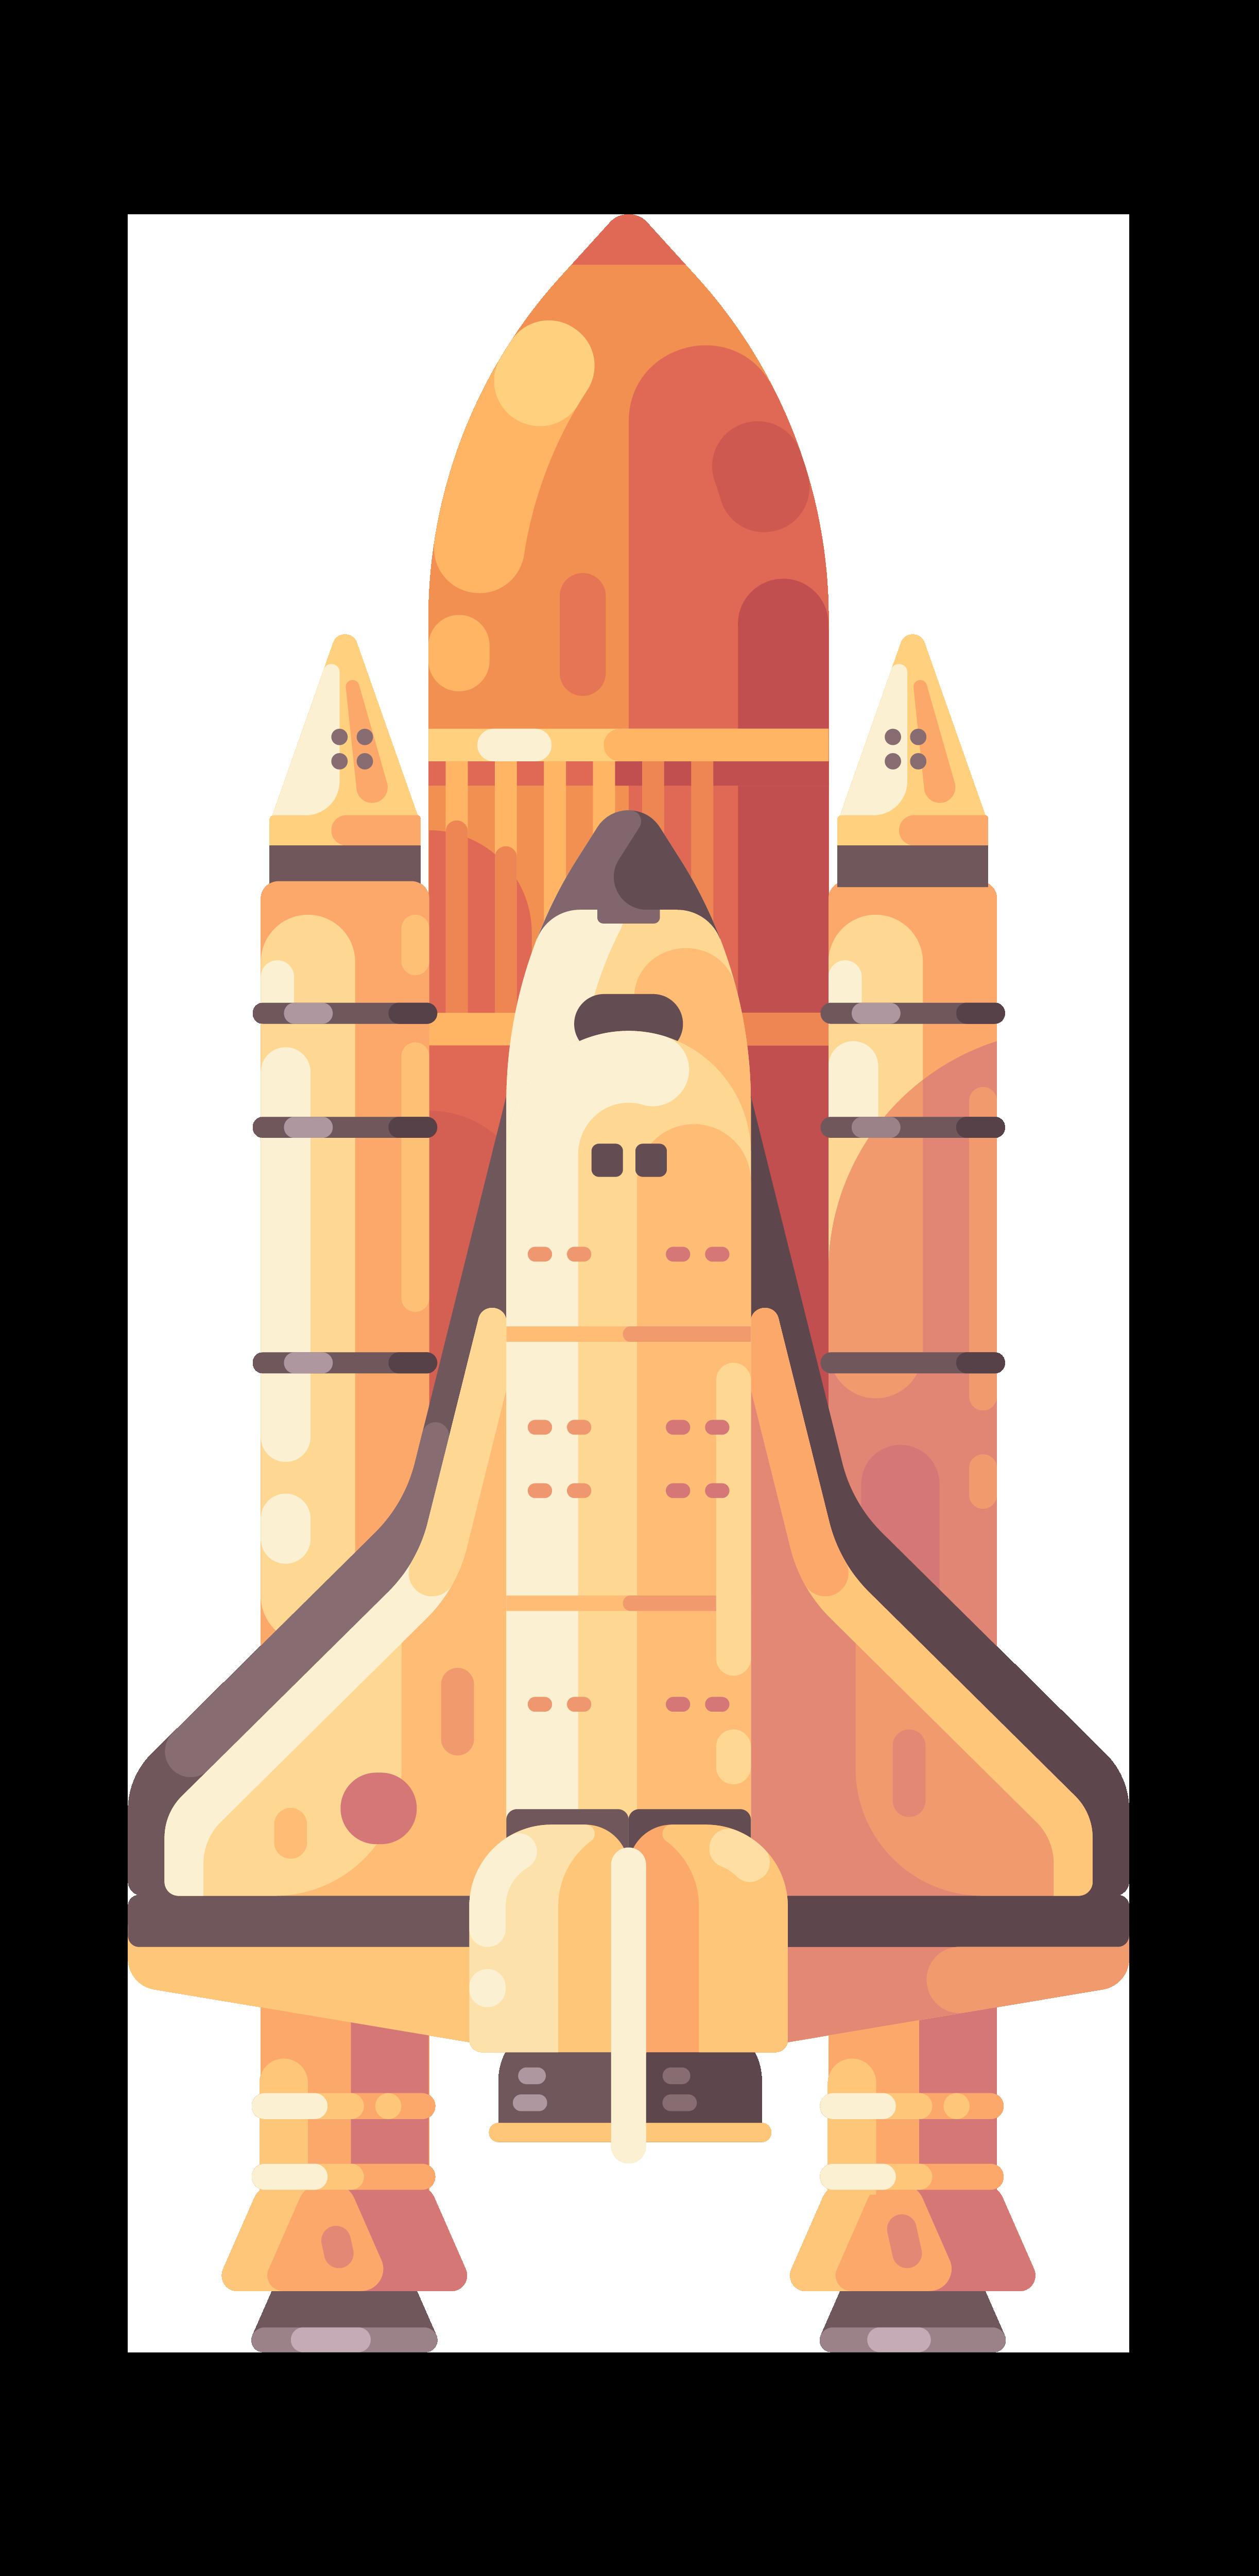 Space objects_rocket